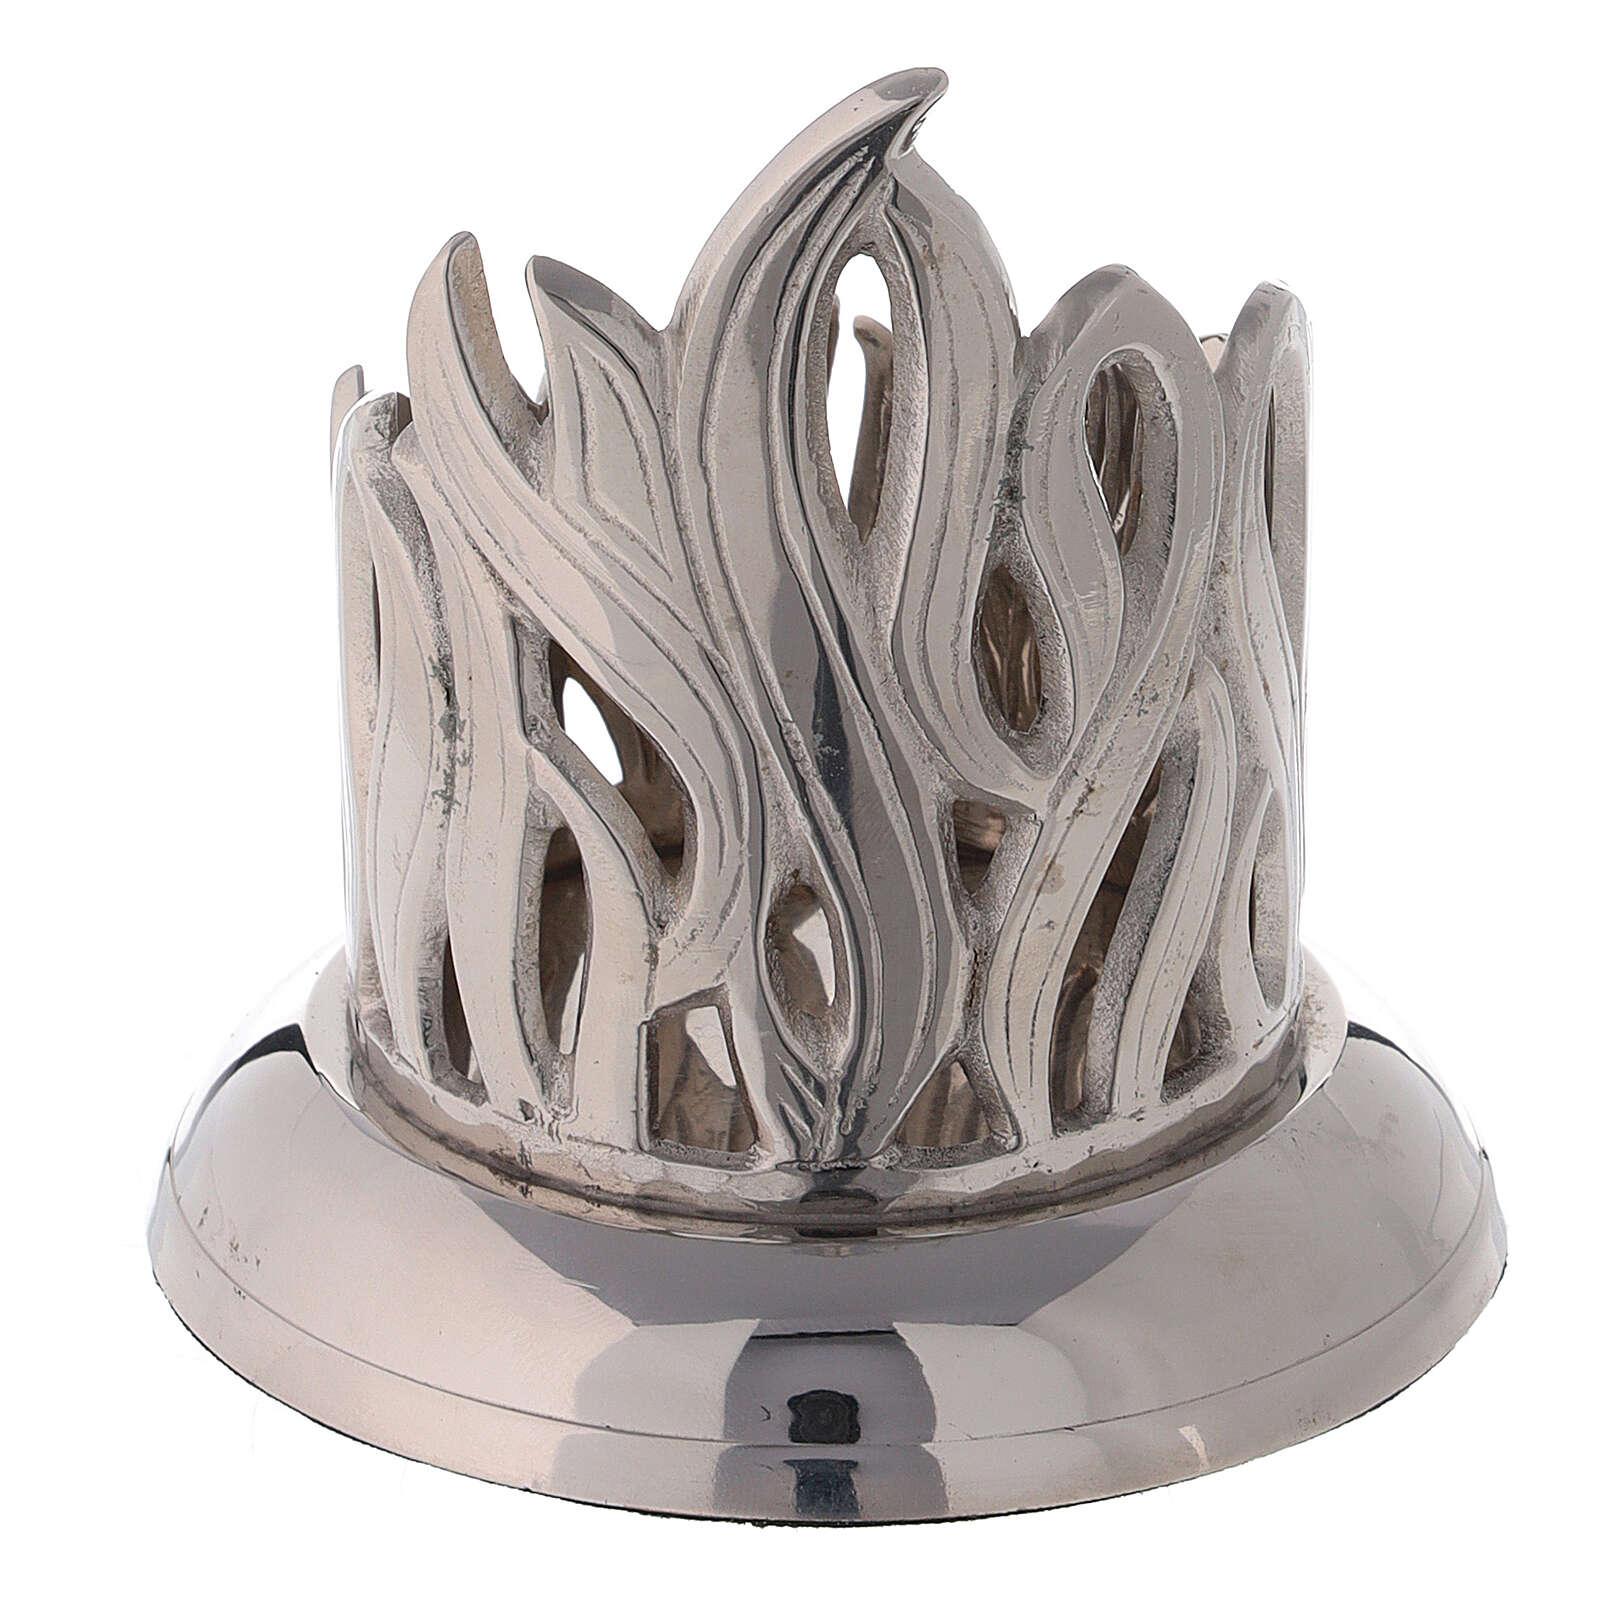 Portacandela fiamme ottone nichelato diametro 6 cm 4